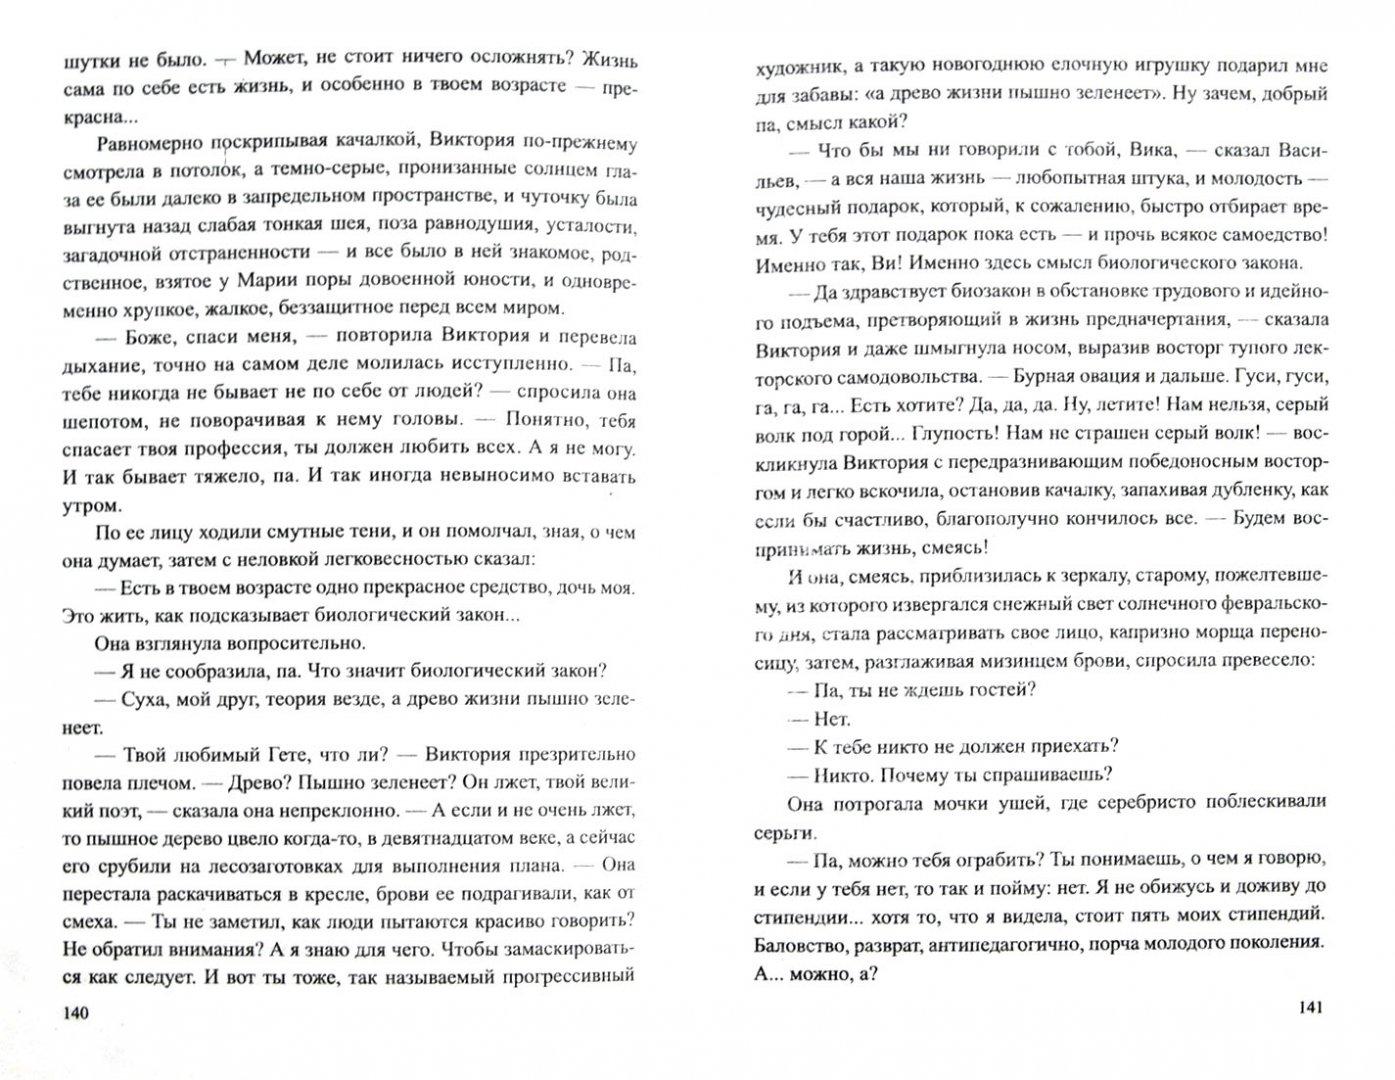 Иллюстрация 1 из 16 для Выбор - Юрий Бондарев | Лабиринт - книги. Источник: Лабиринт